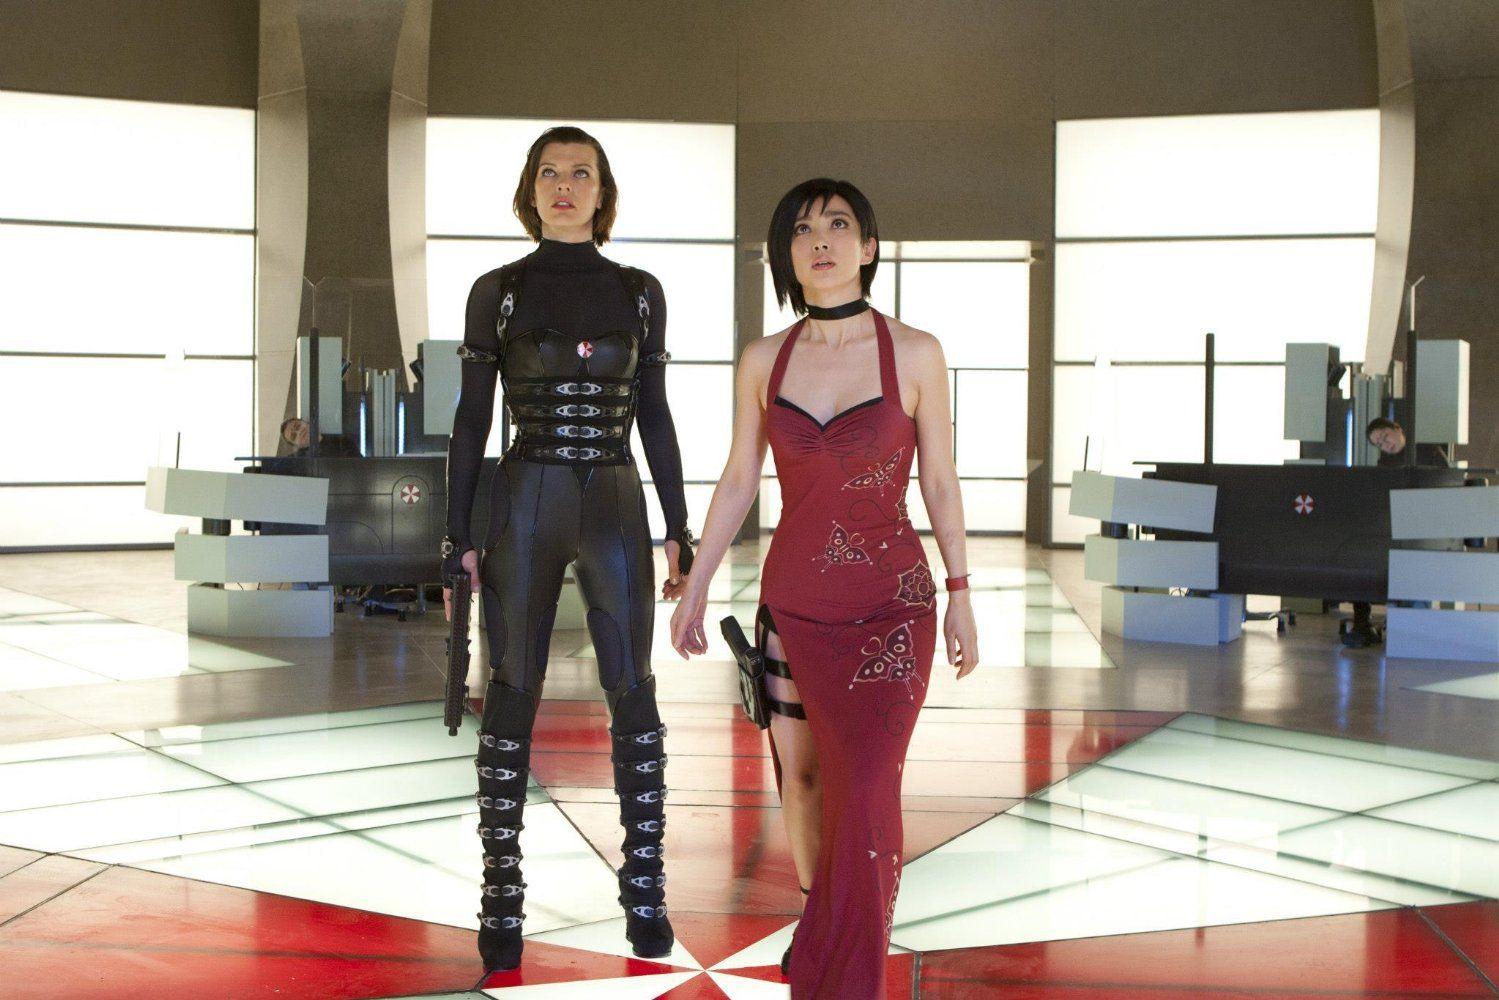 Ada Wong Resident Evil